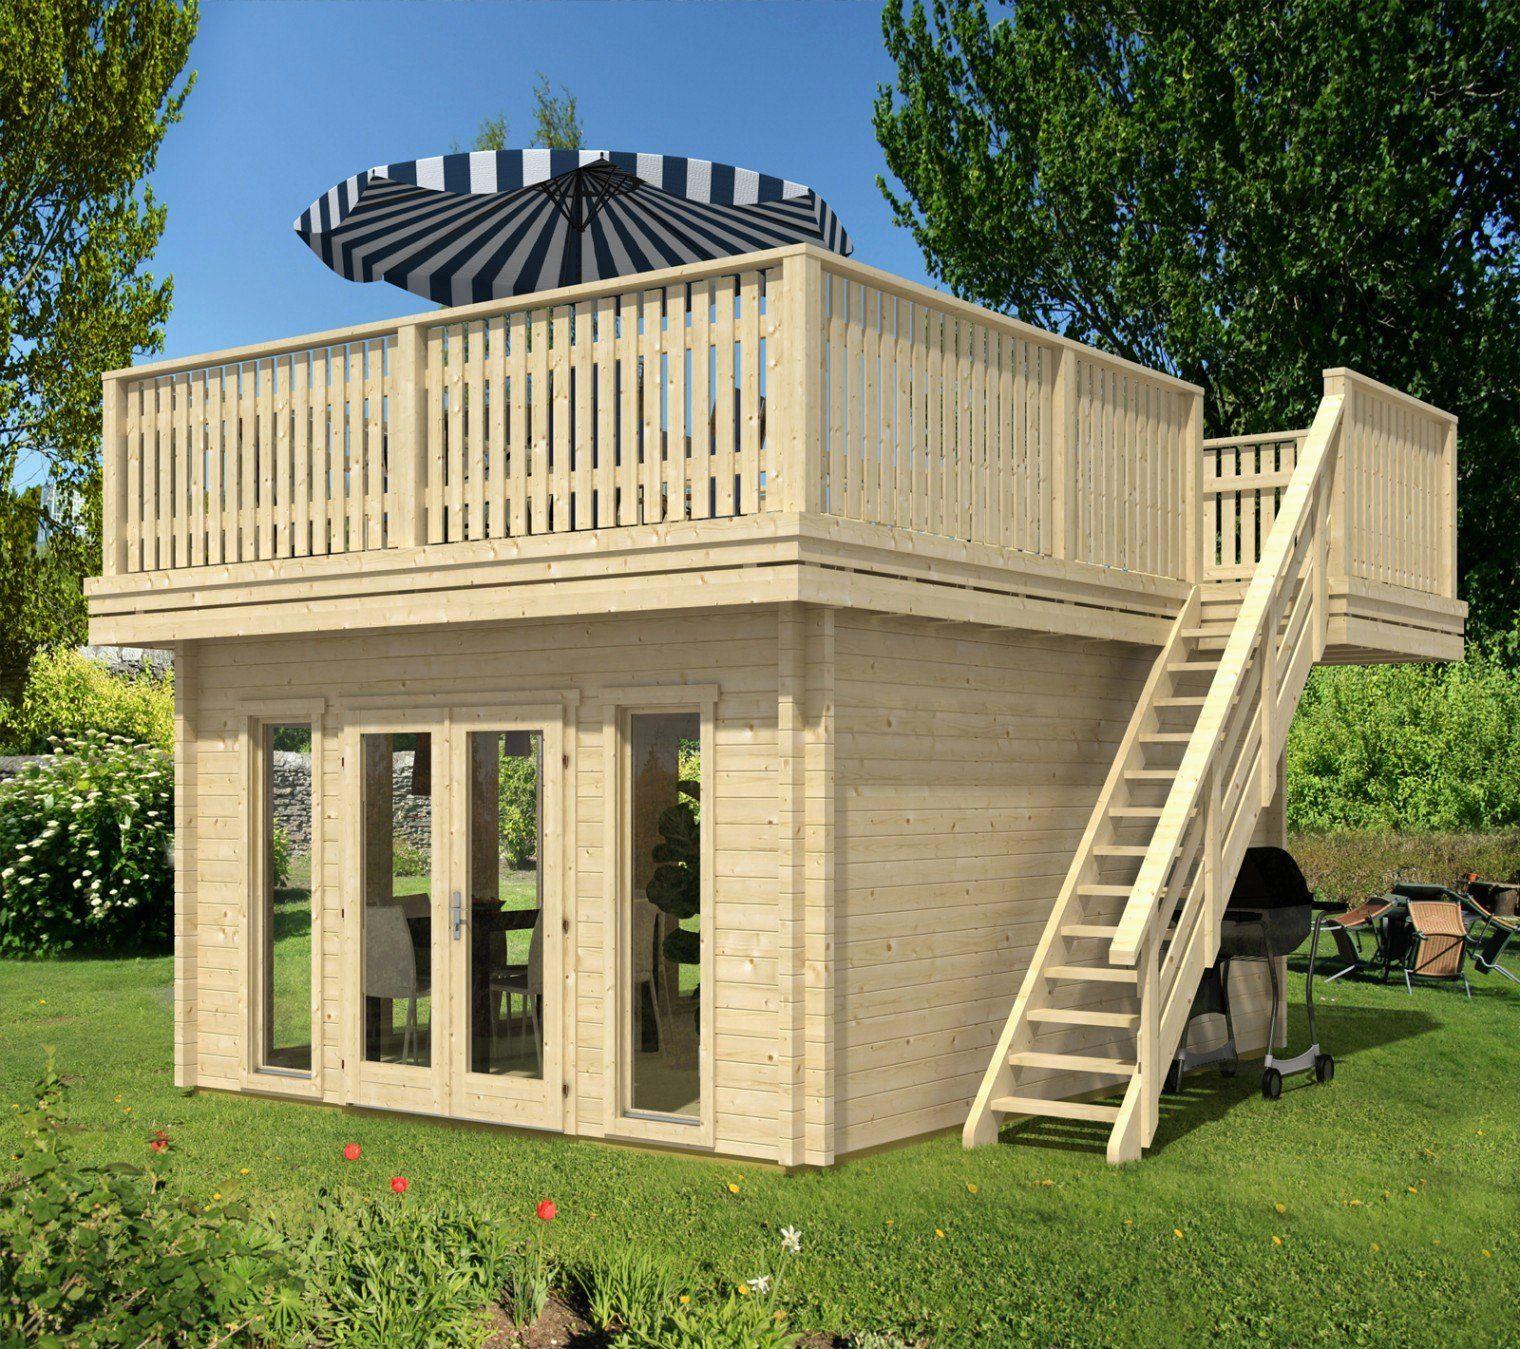 Fundament Gartenhaus Gehwegplatten Kostbar Haus Fundament